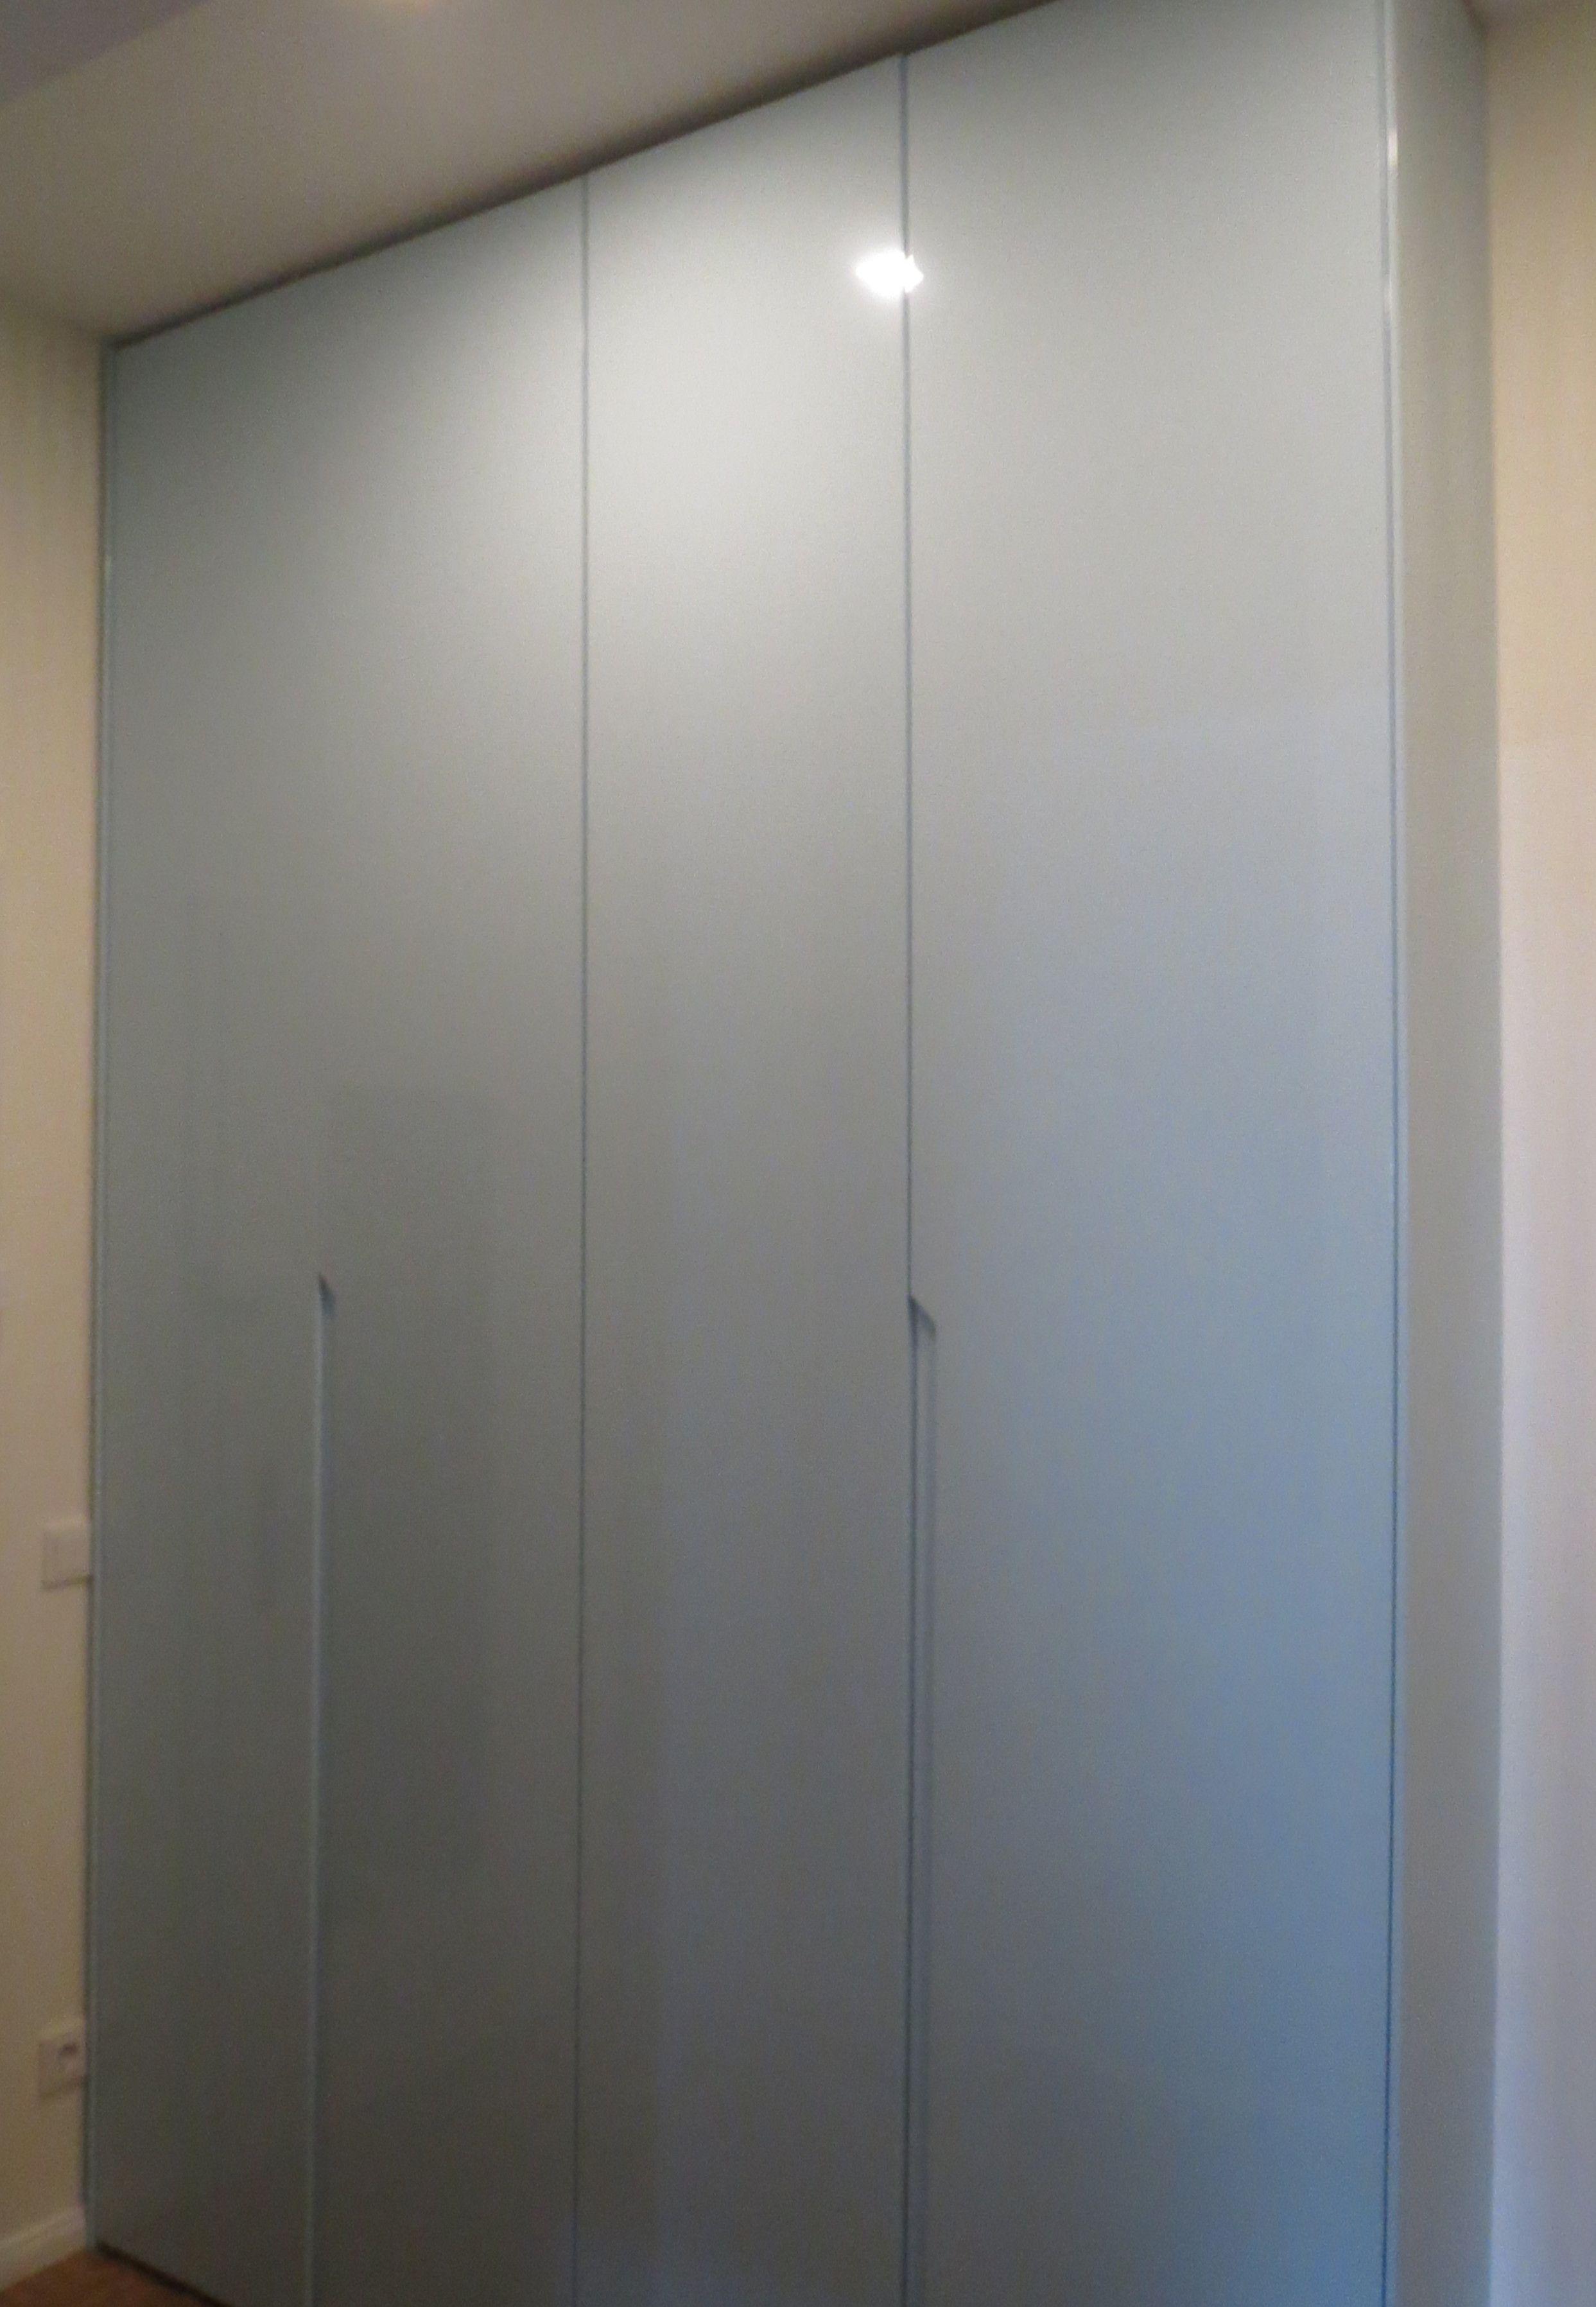 Idaw Schrank Nach Mass Einbauschranke Und Design Kommoden Hochglanz Einbauschrank Schrank